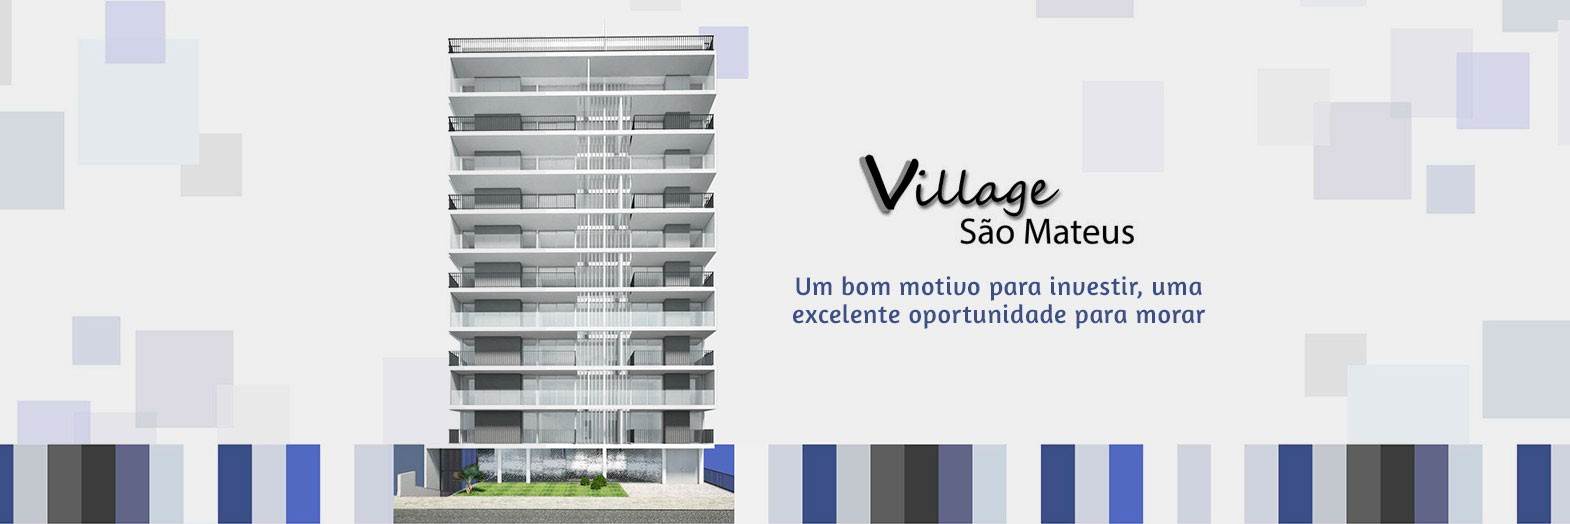 Village-São-Mateus-(1)